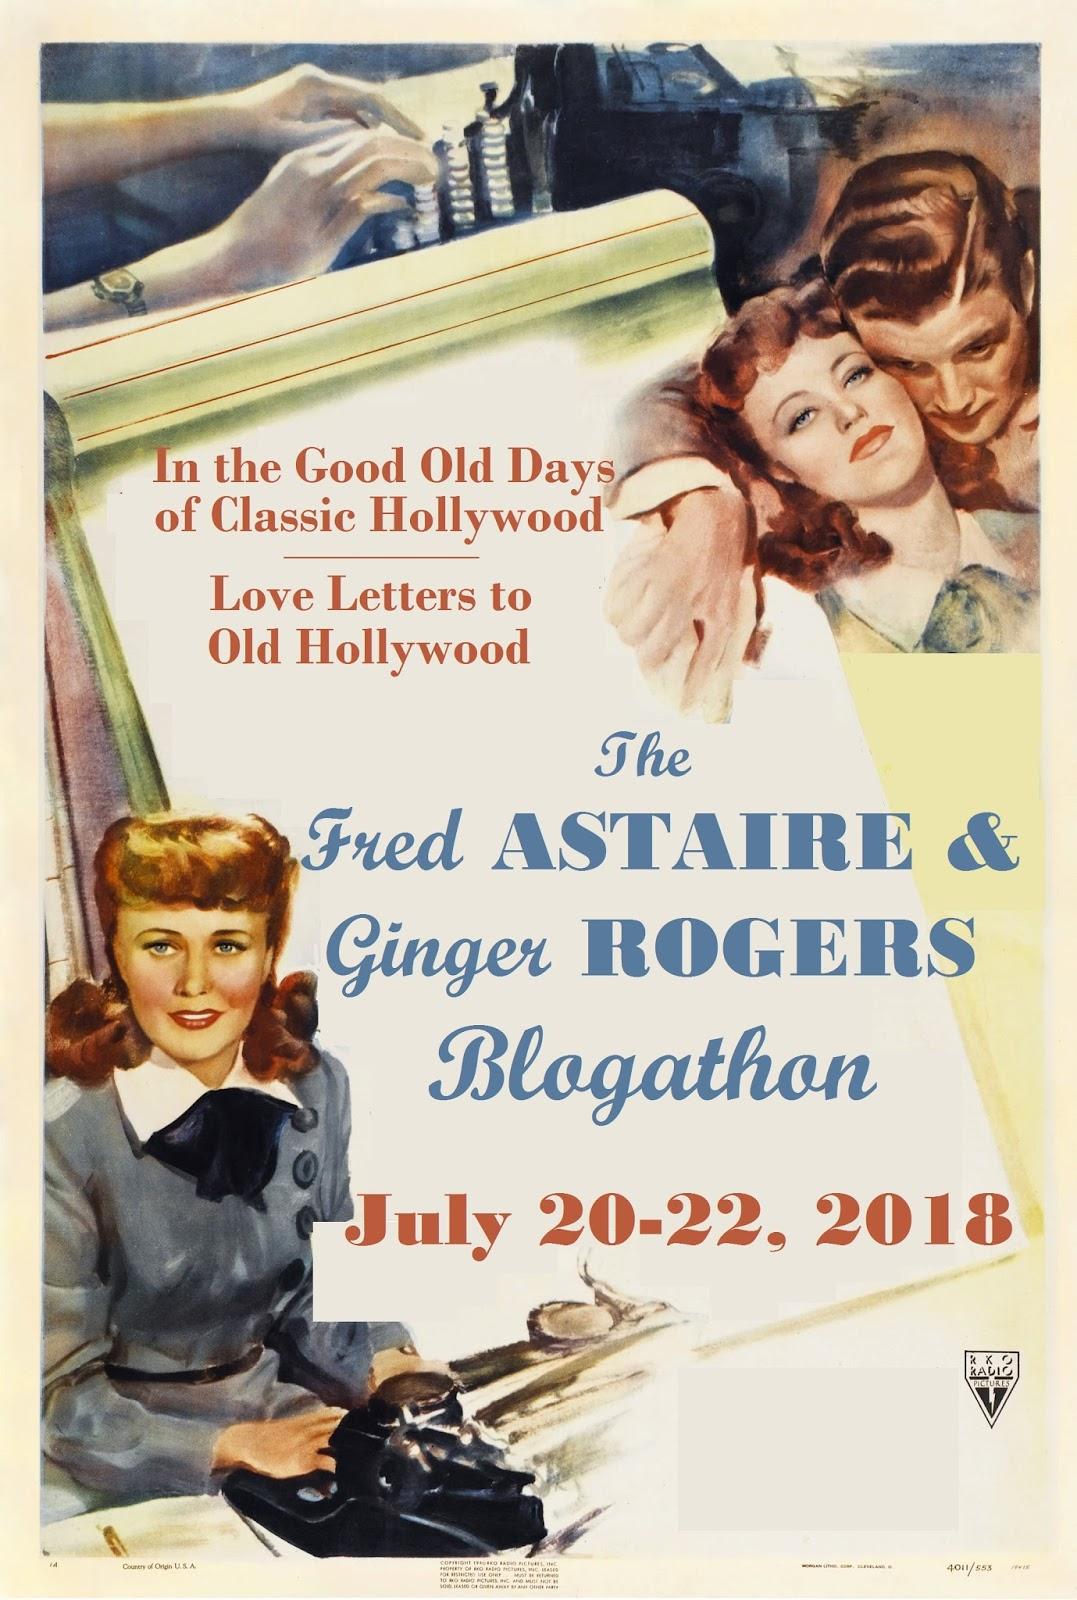 Astaire/Rogers Blogathon